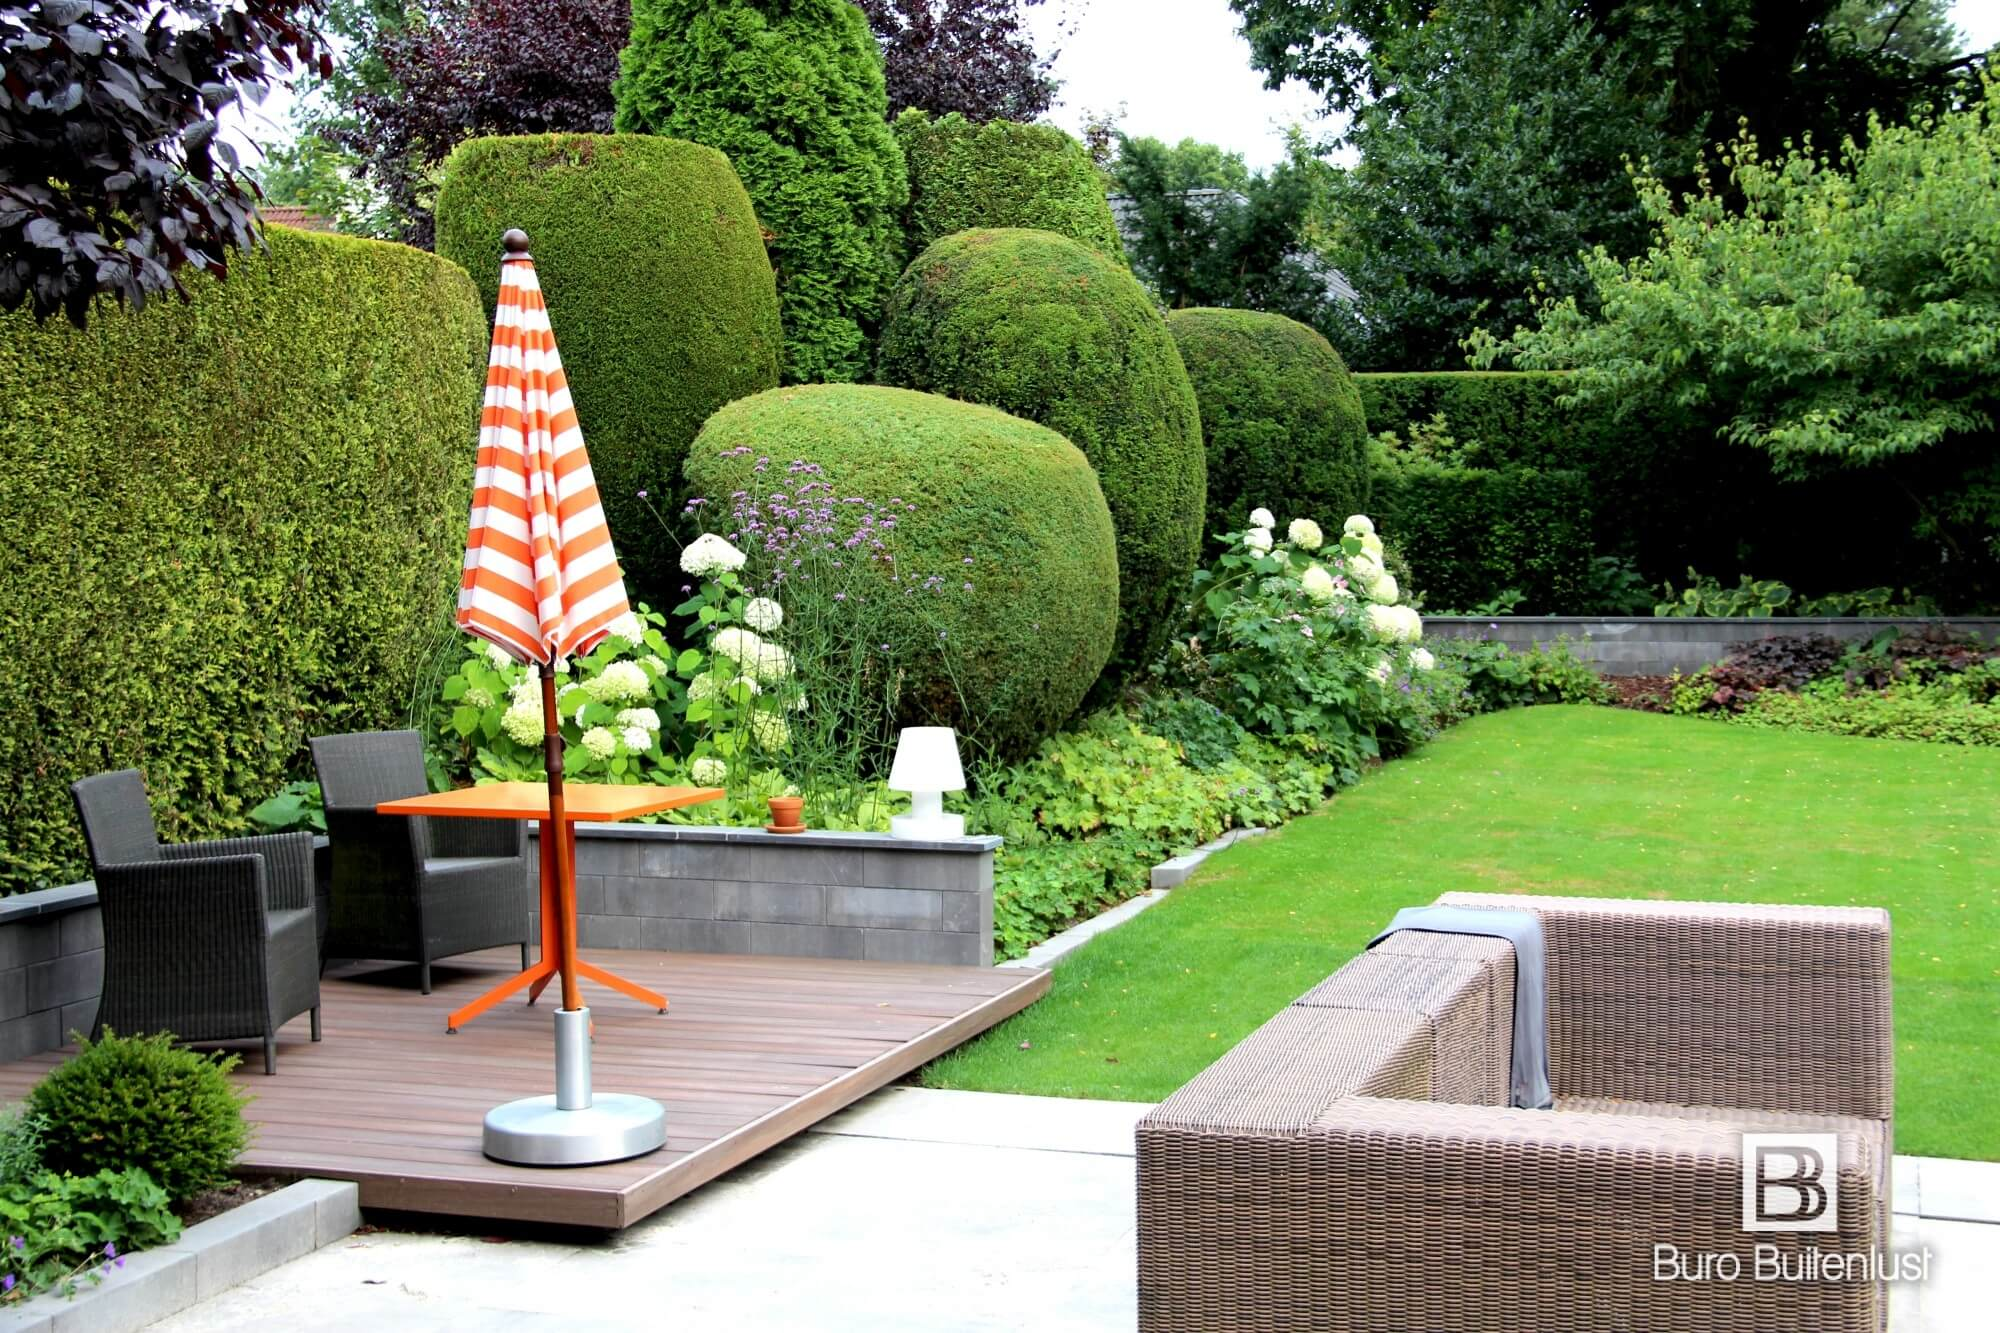 Tuinmuurtjes en terrassen laten deze landschappelijke tuin nog beter aansluiten bij de moderne architectuur van dit woonhuis in Eindhoven